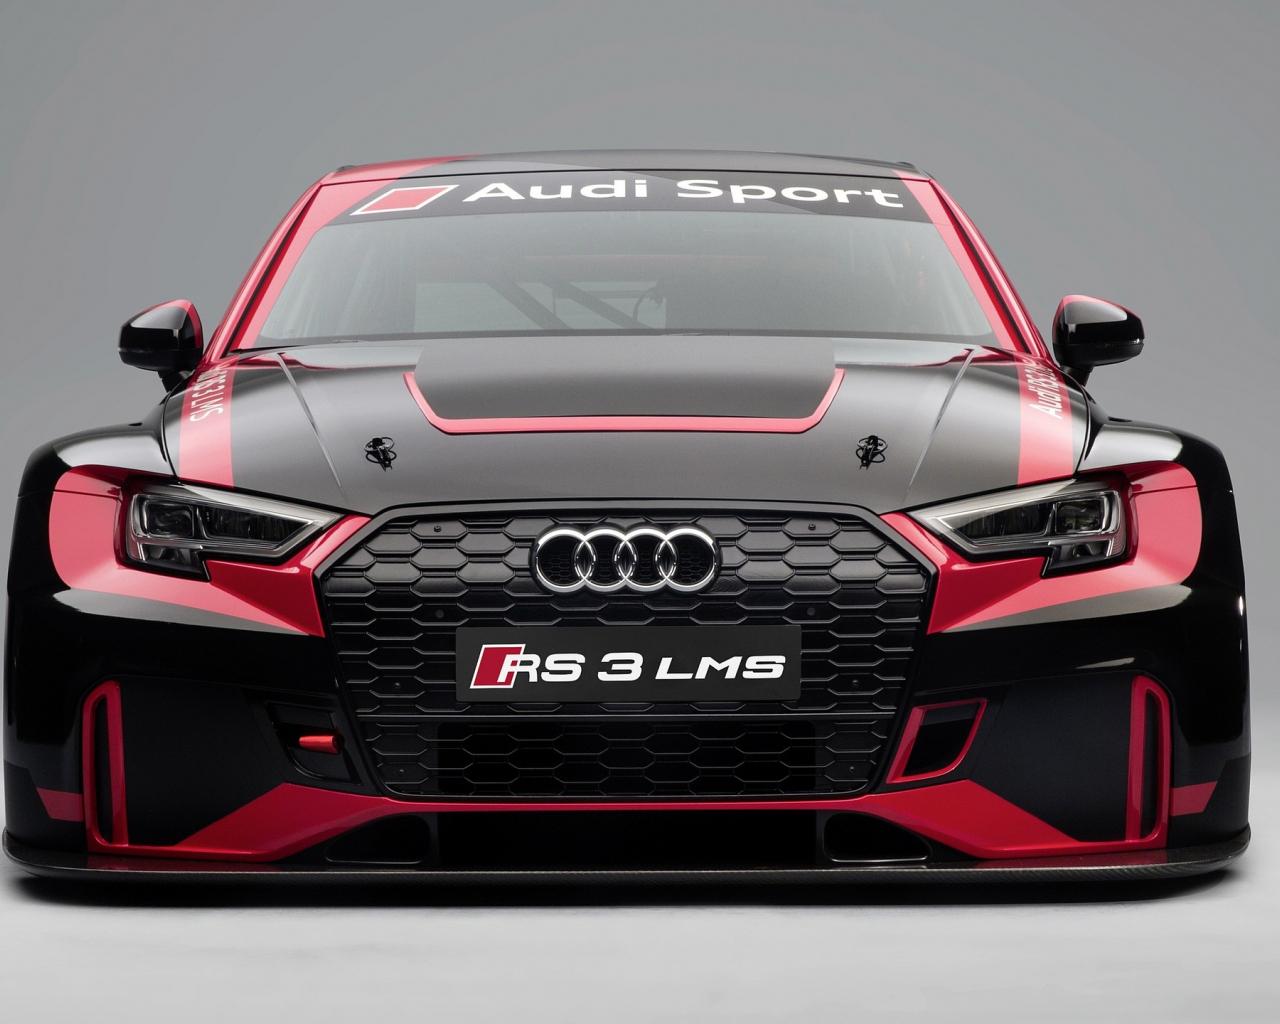 Download 1280x1024 Wallpaper Audi Sports Car Standard 5 4